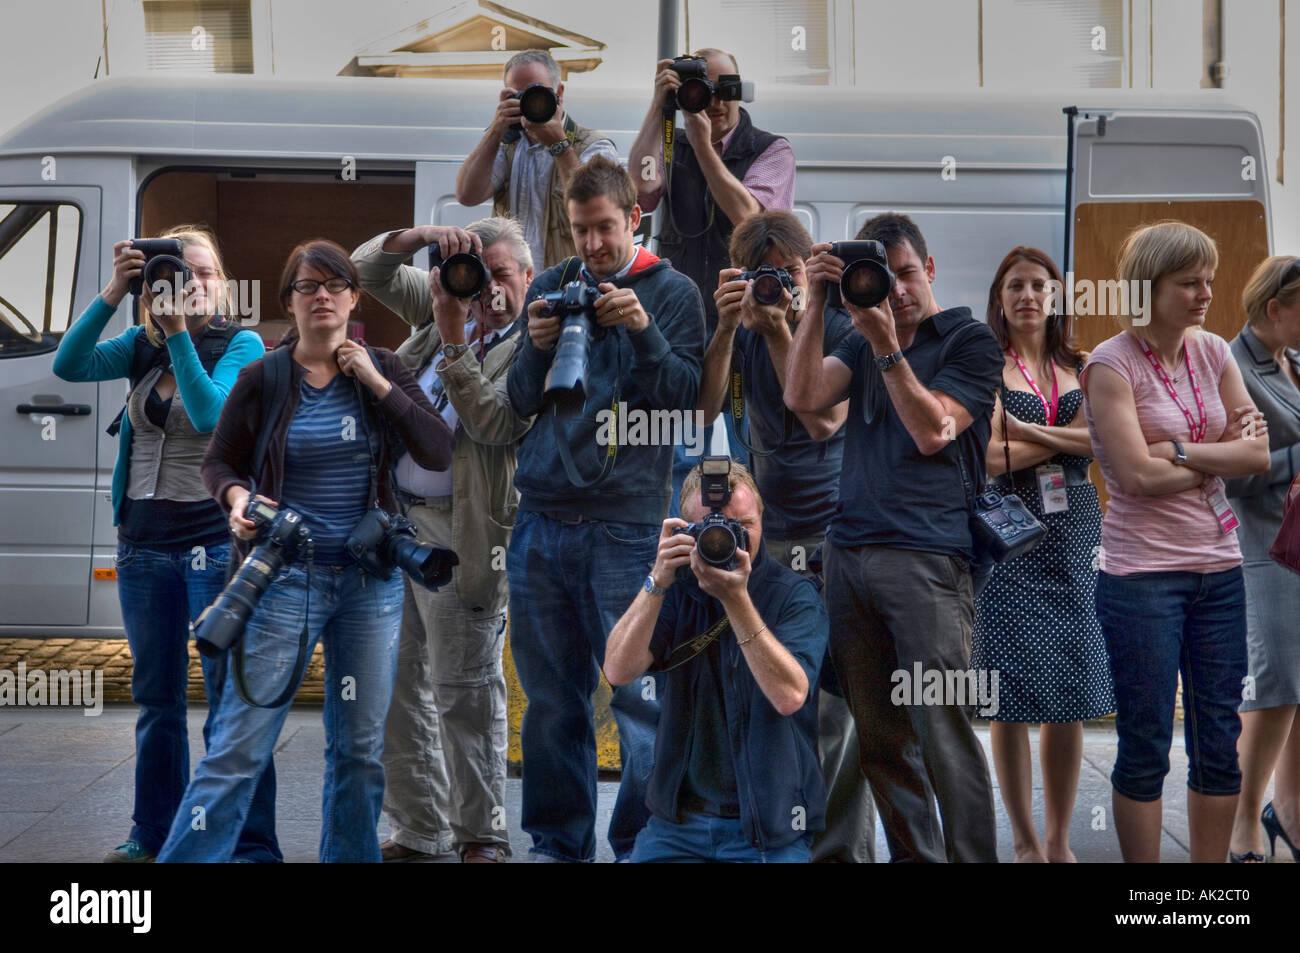 Grupo de fotógrafos de prensa en la calle llamada foto Imagen De Stock